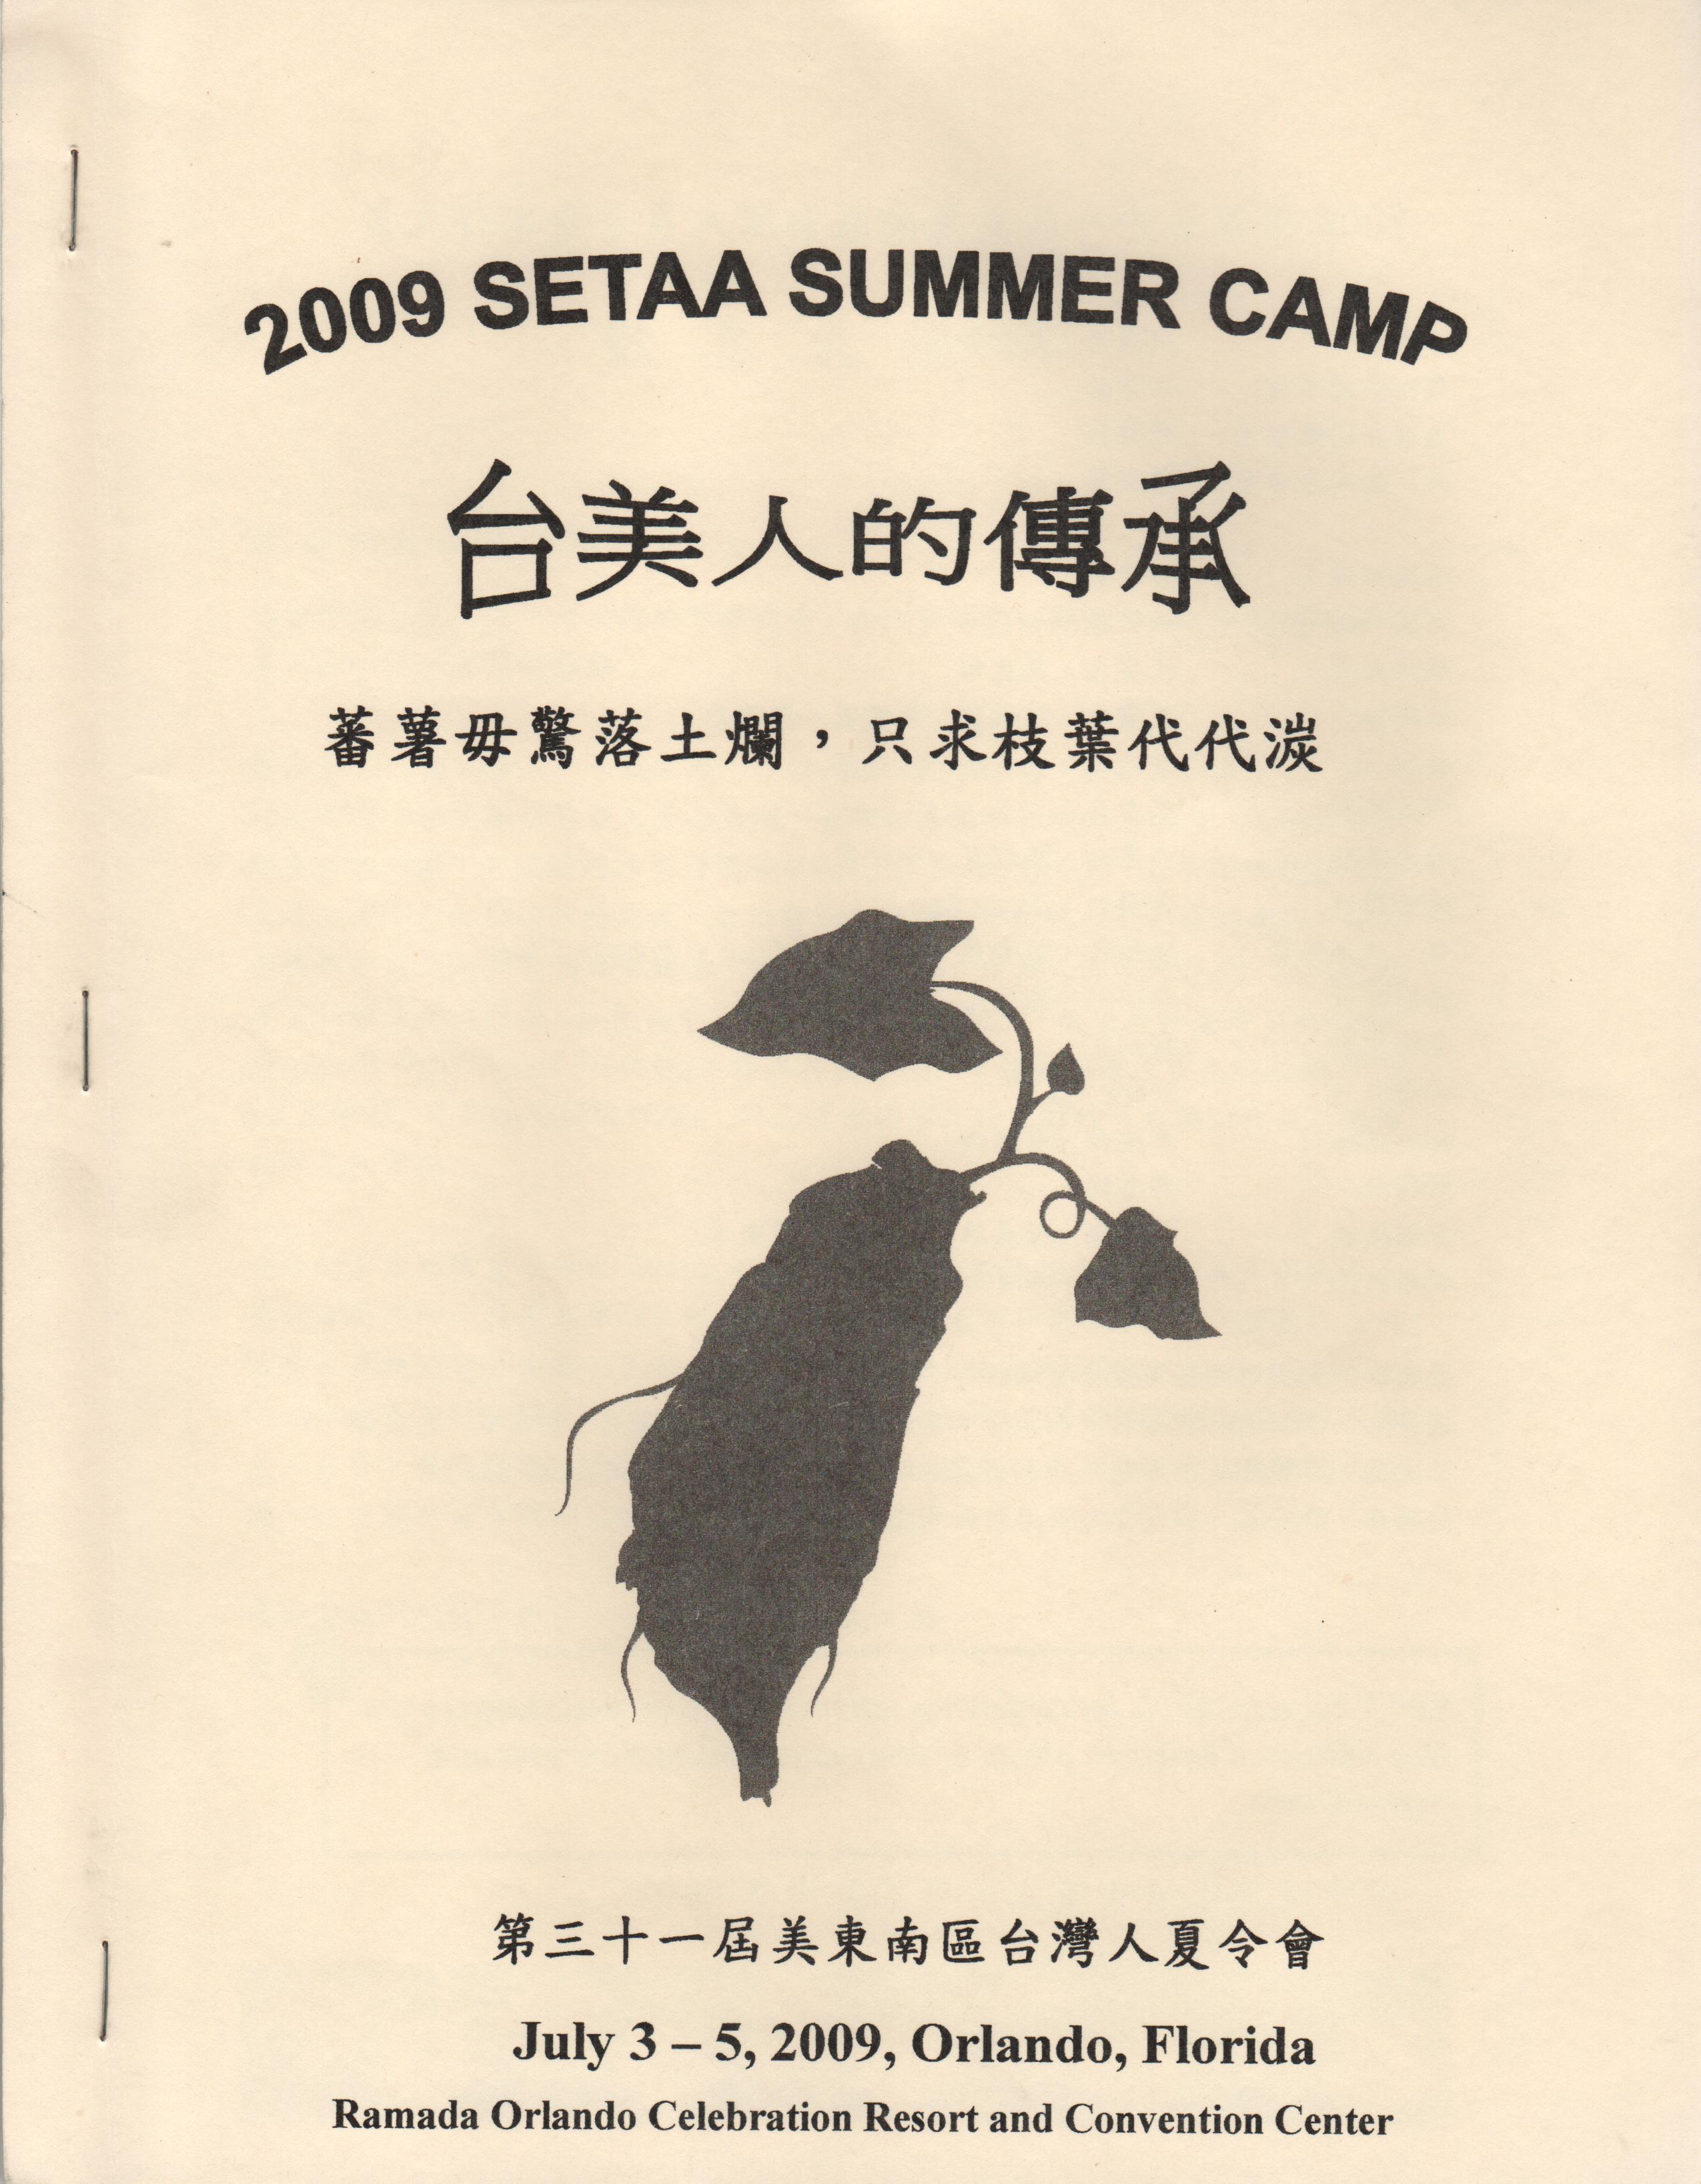 SETAA 2009